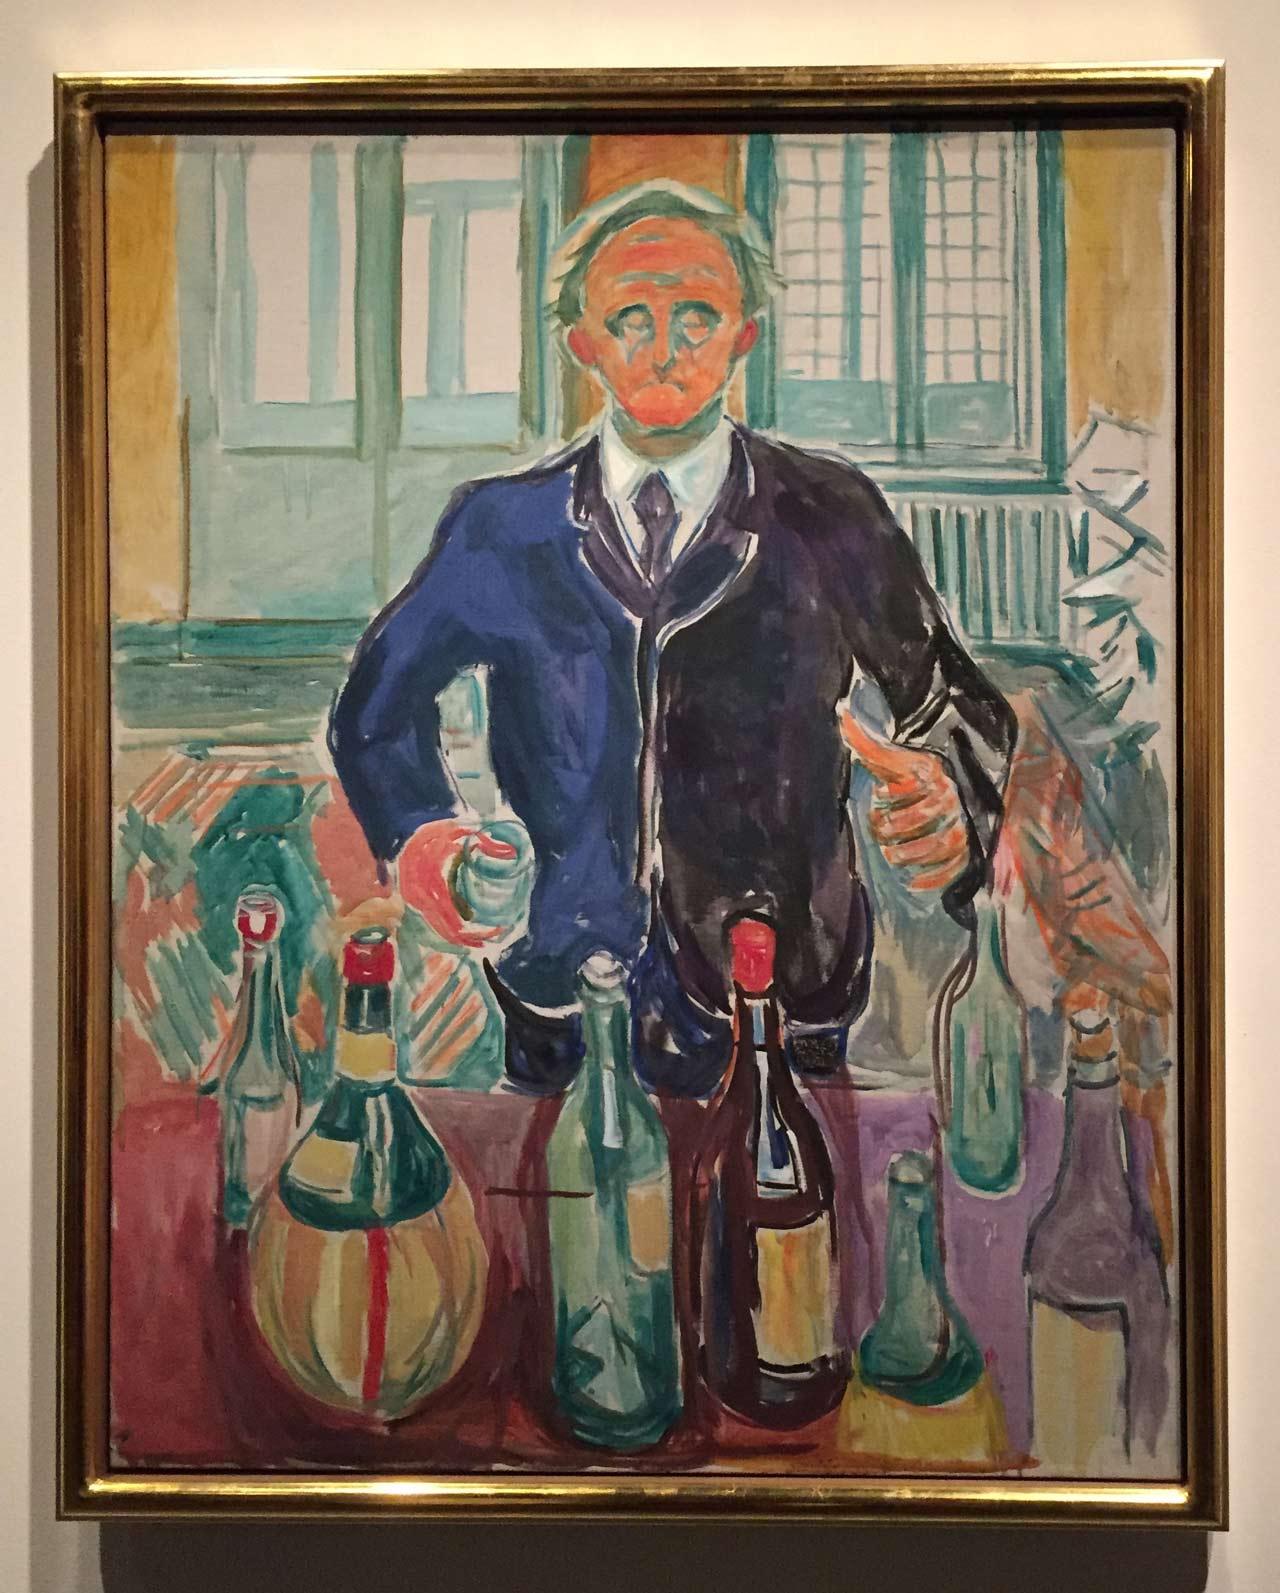 Edvard-Munch-Self-Portrait-Bottles-1938-Munch-Museum.jpg